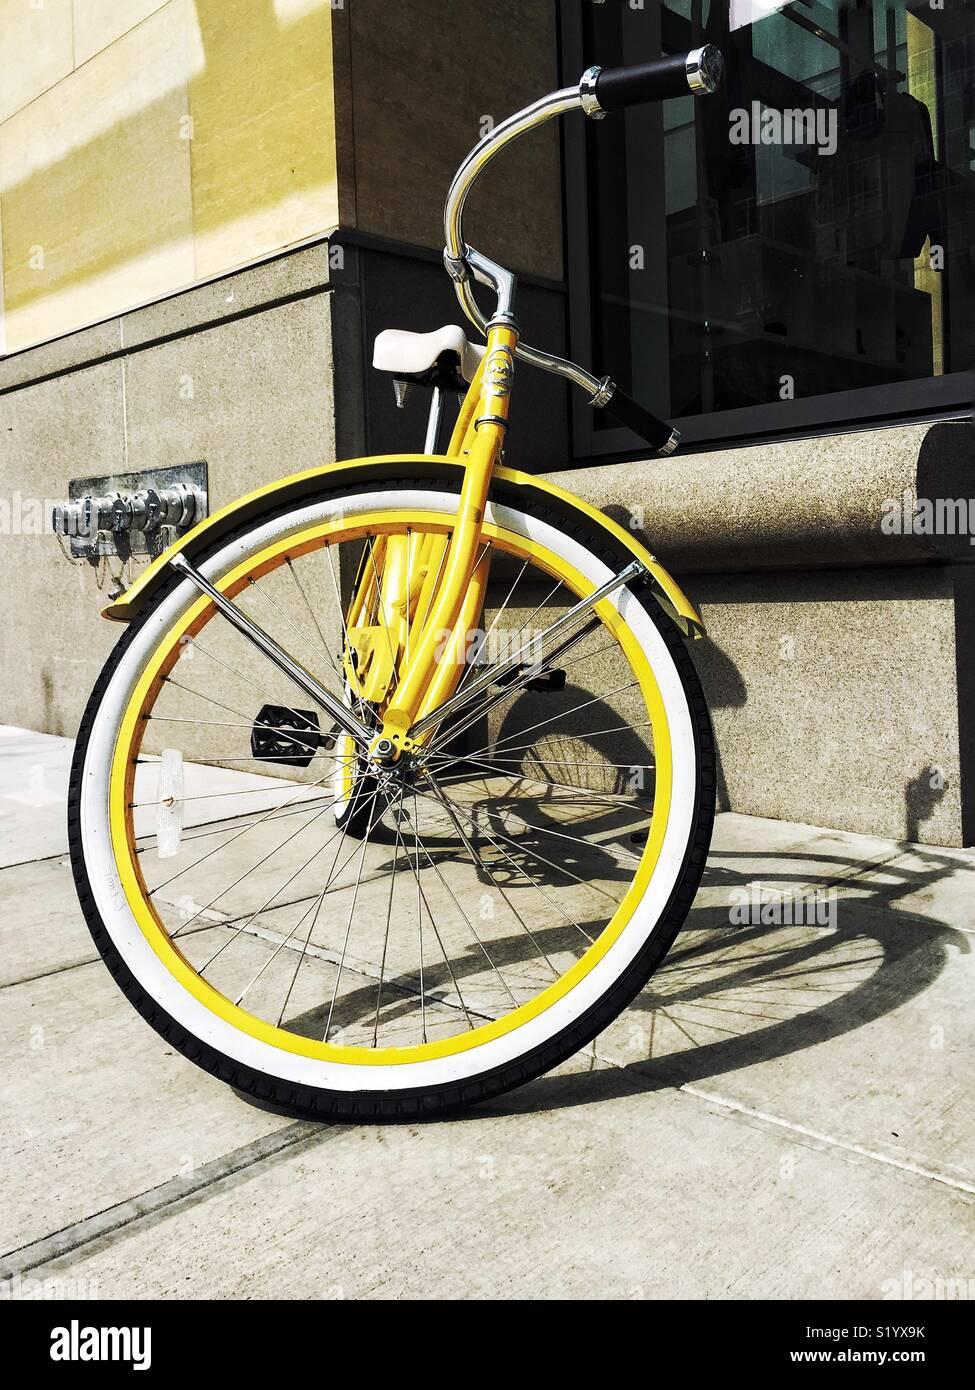 En la ciudad de bicicletas amarillas Imagen De Stock